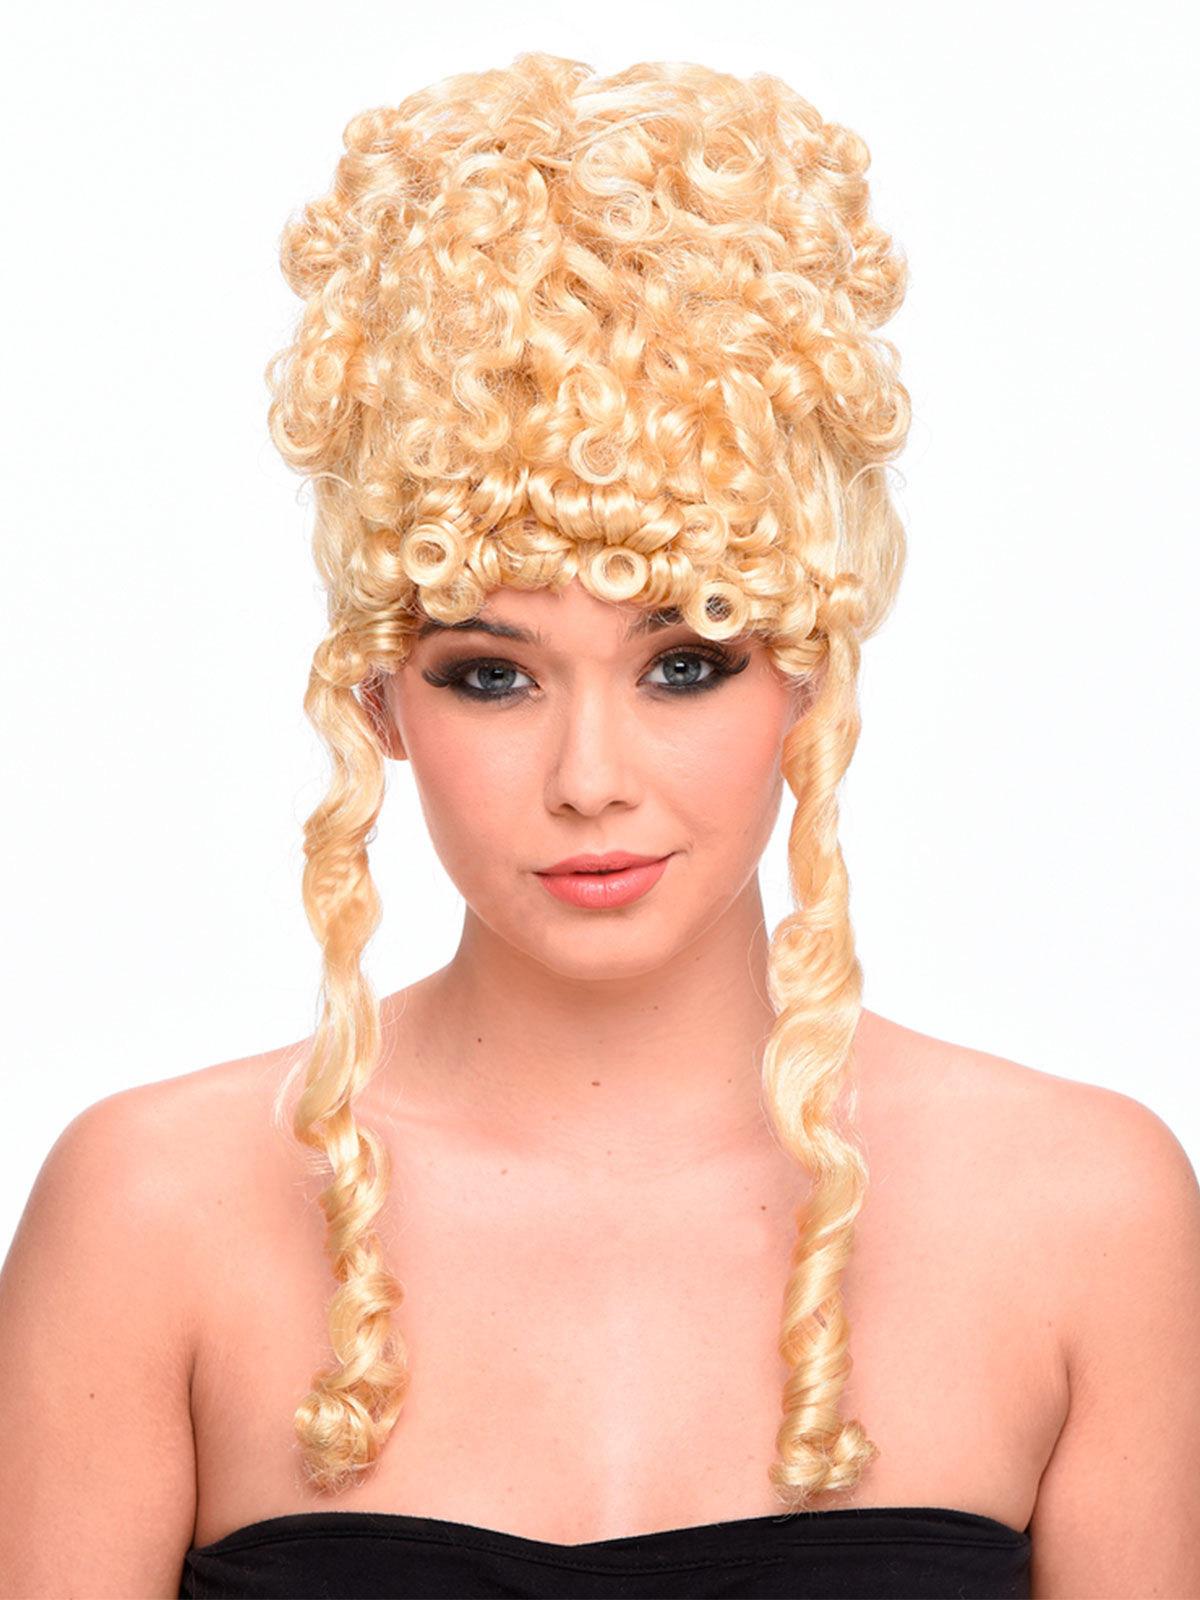 Gttin AntikePercke Hochsteckfrisur und Locken blond